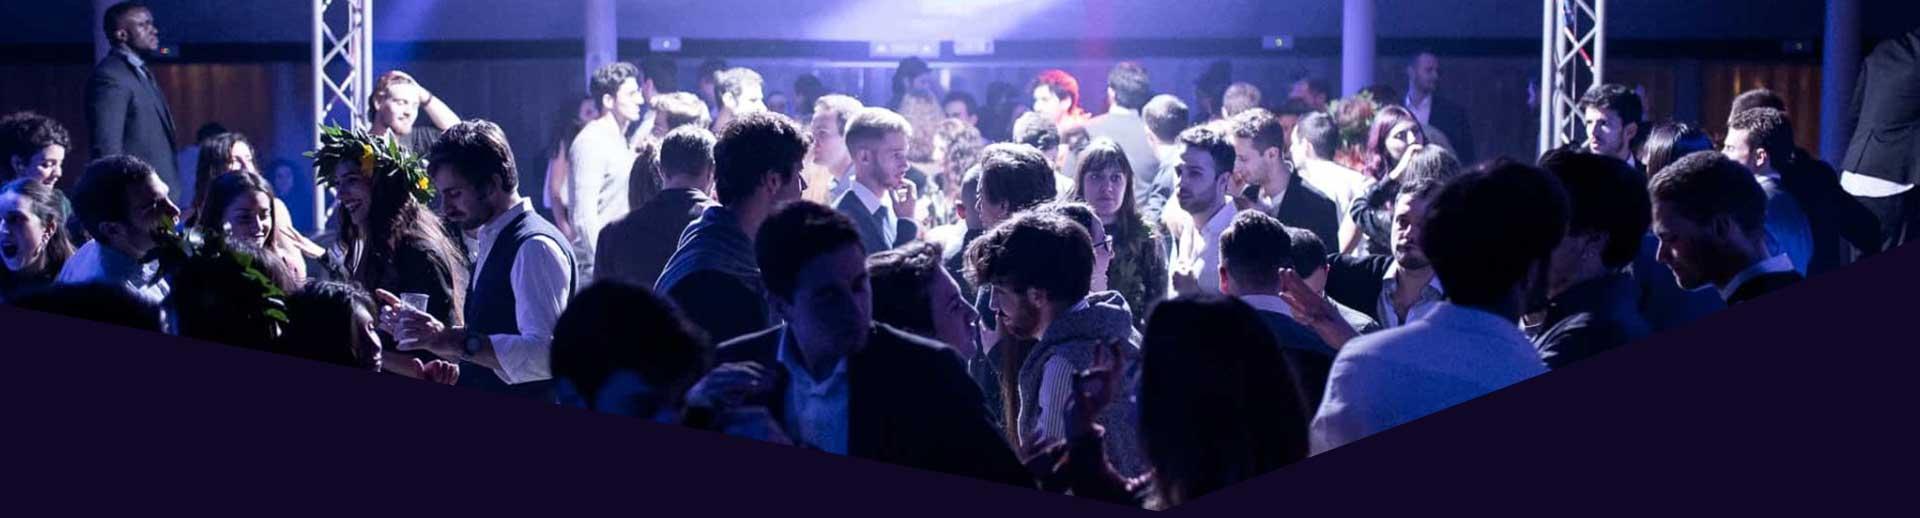 Black Hole Milano | Discoteche e night club a Milano per feste e musica dal vivo | Discoteca Milano Eventi Aziendali